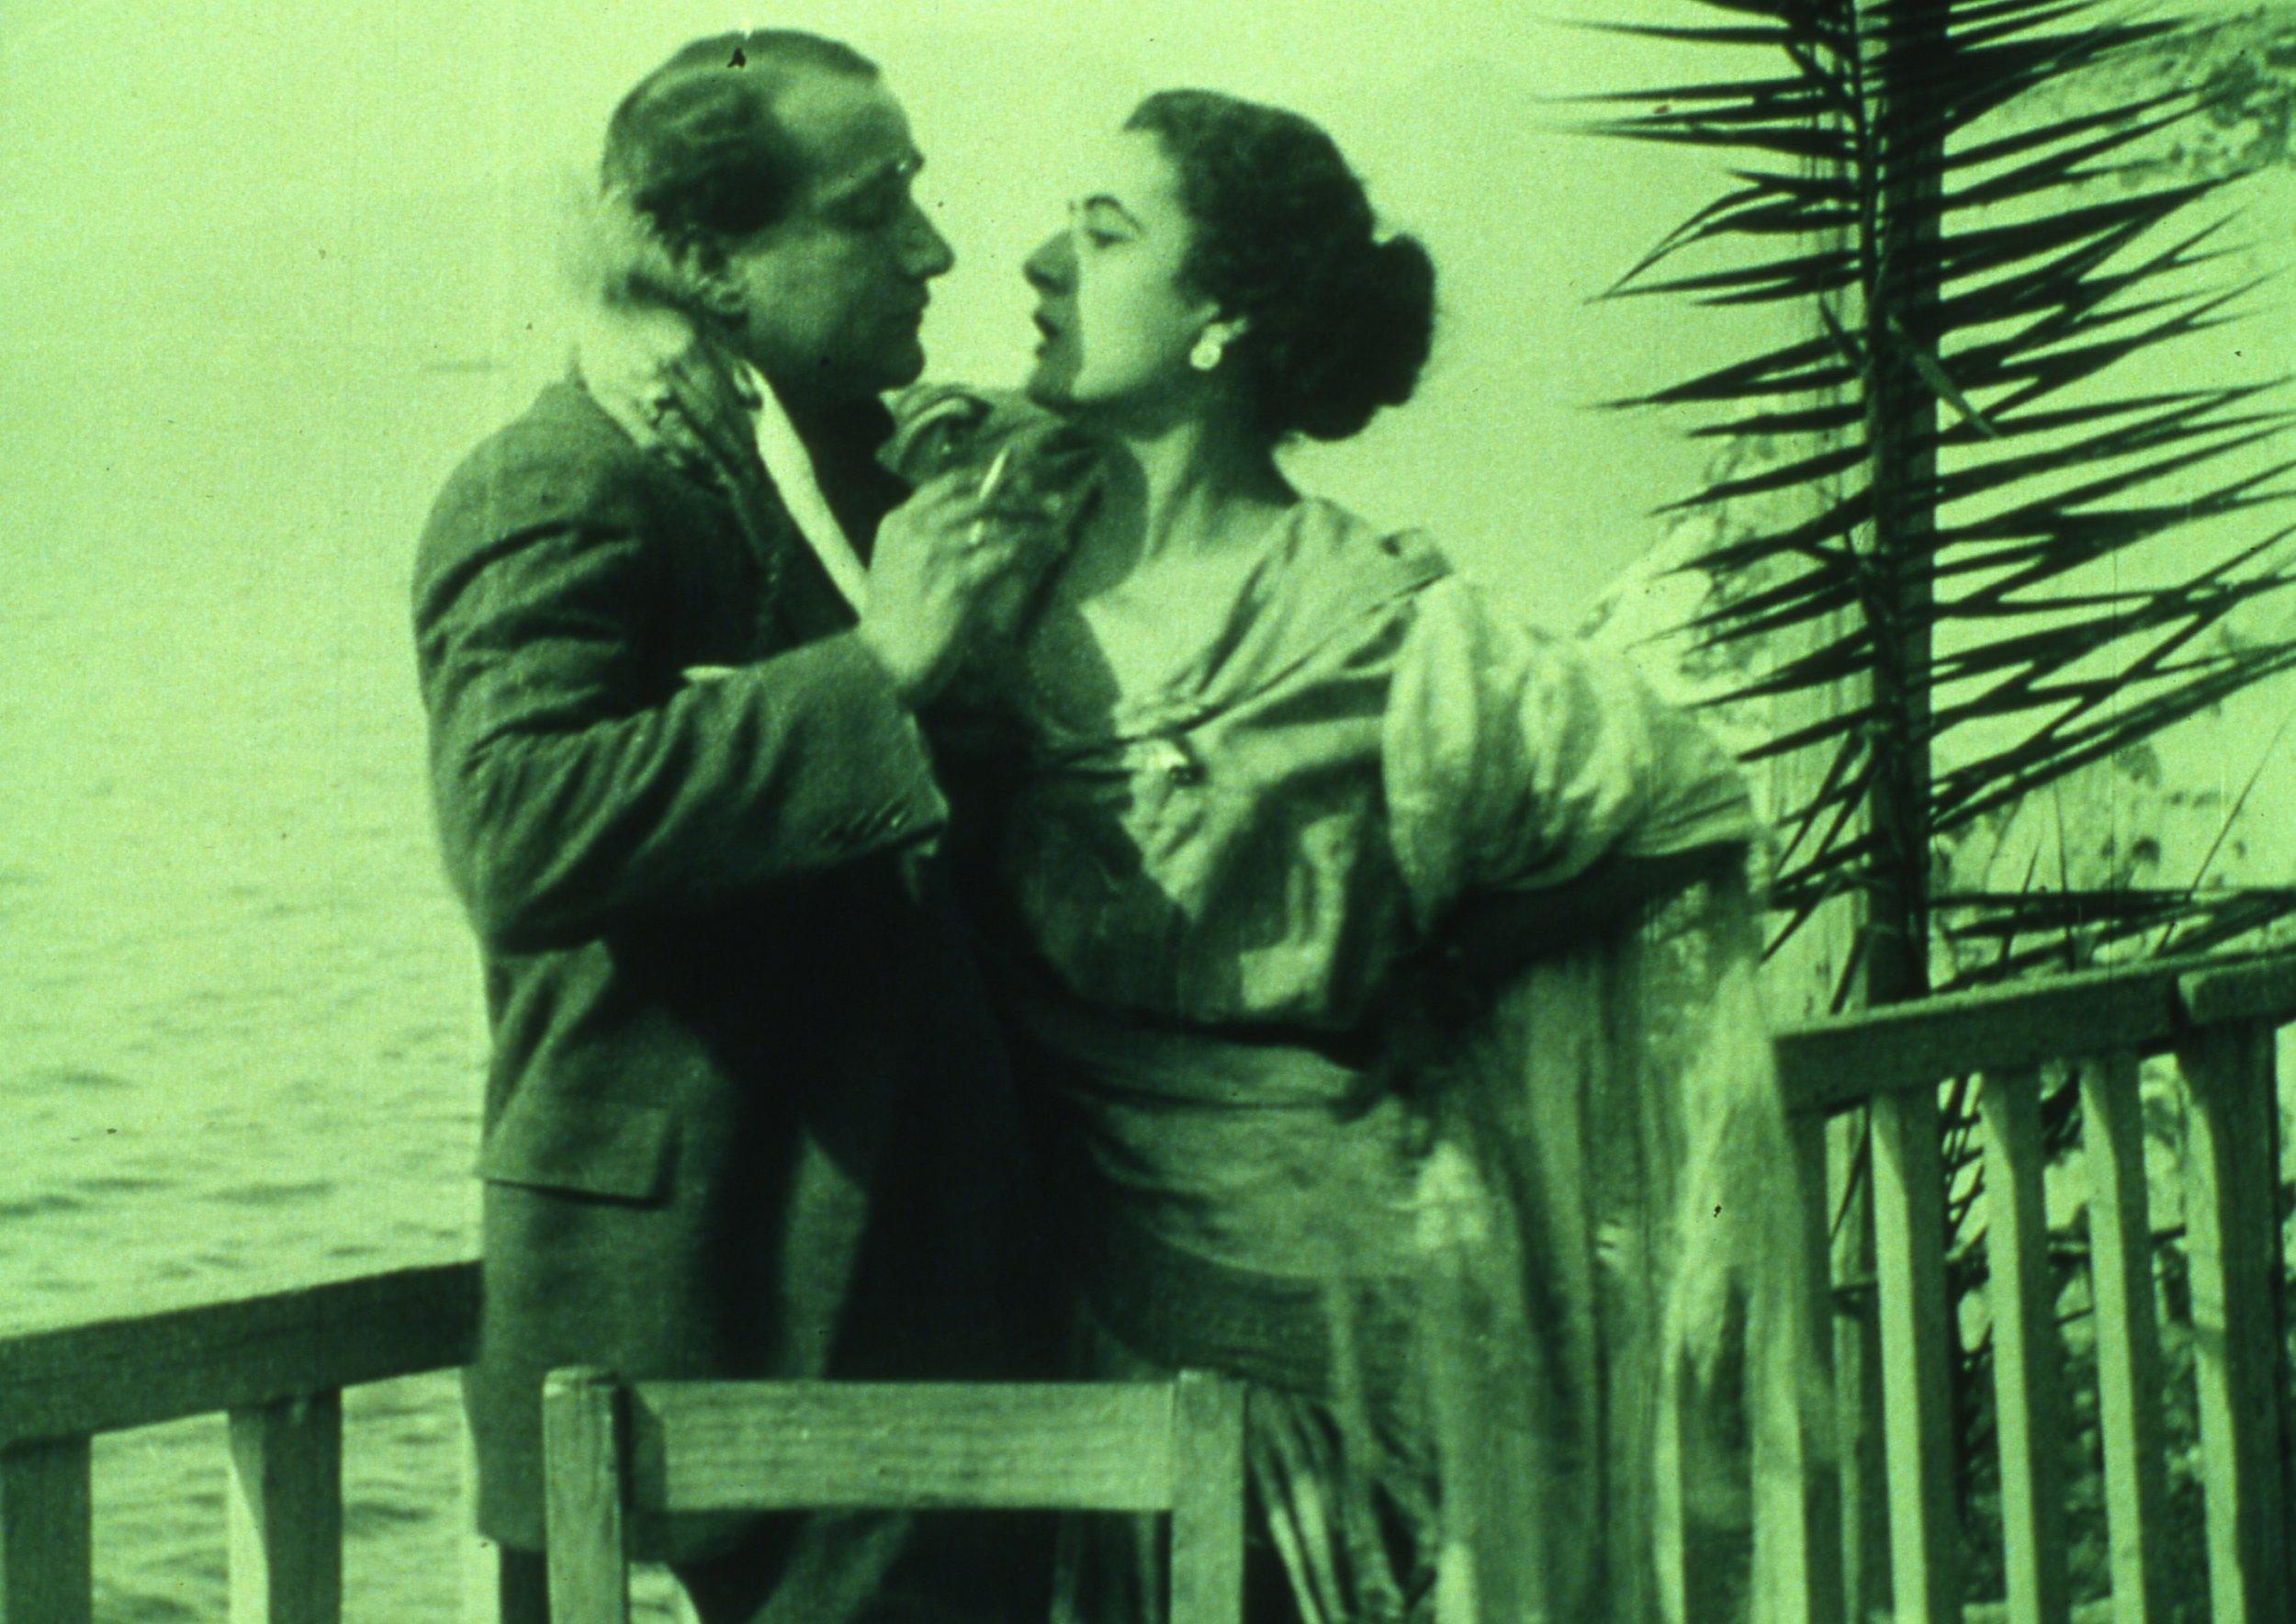 Image: Cineteca di Bologna